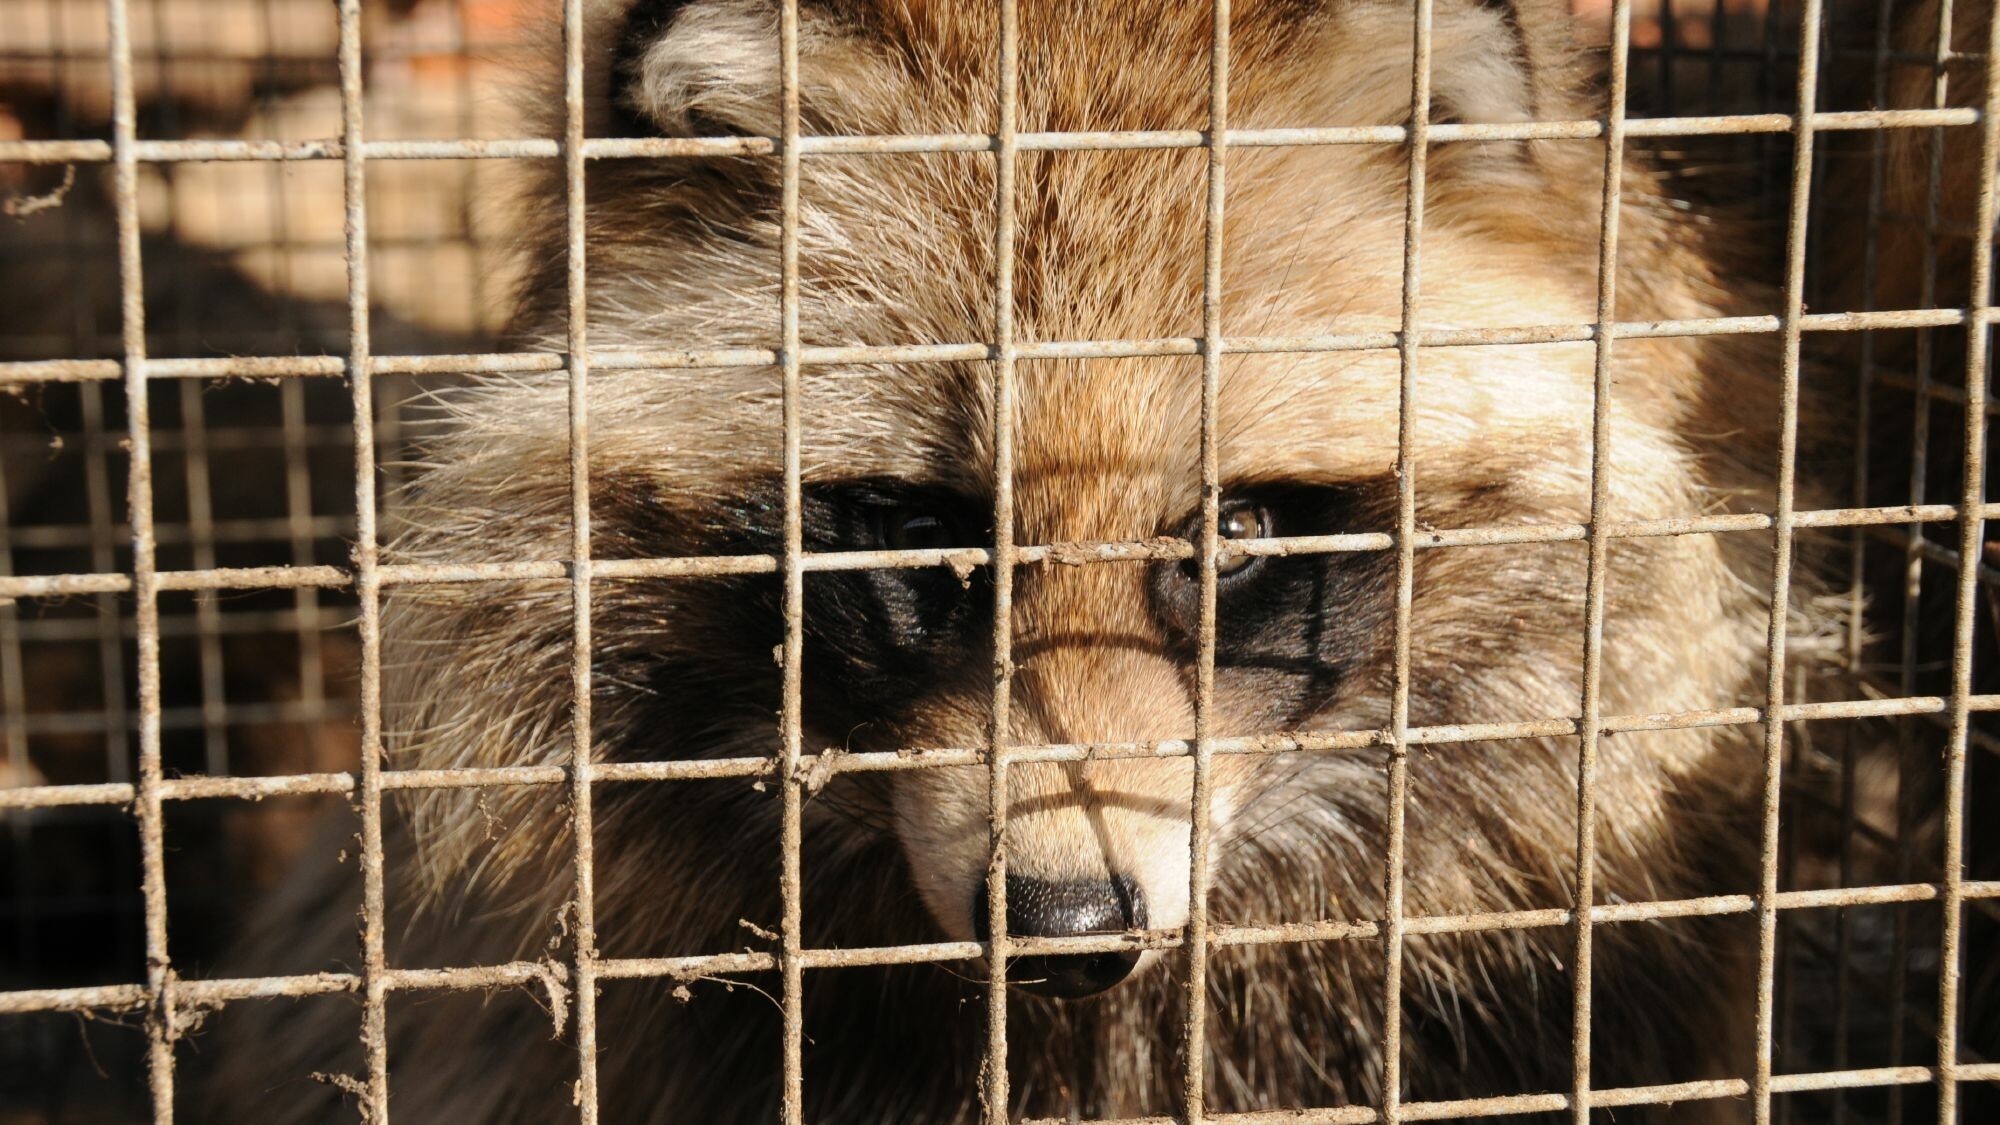 Raccoon dog on fur farm